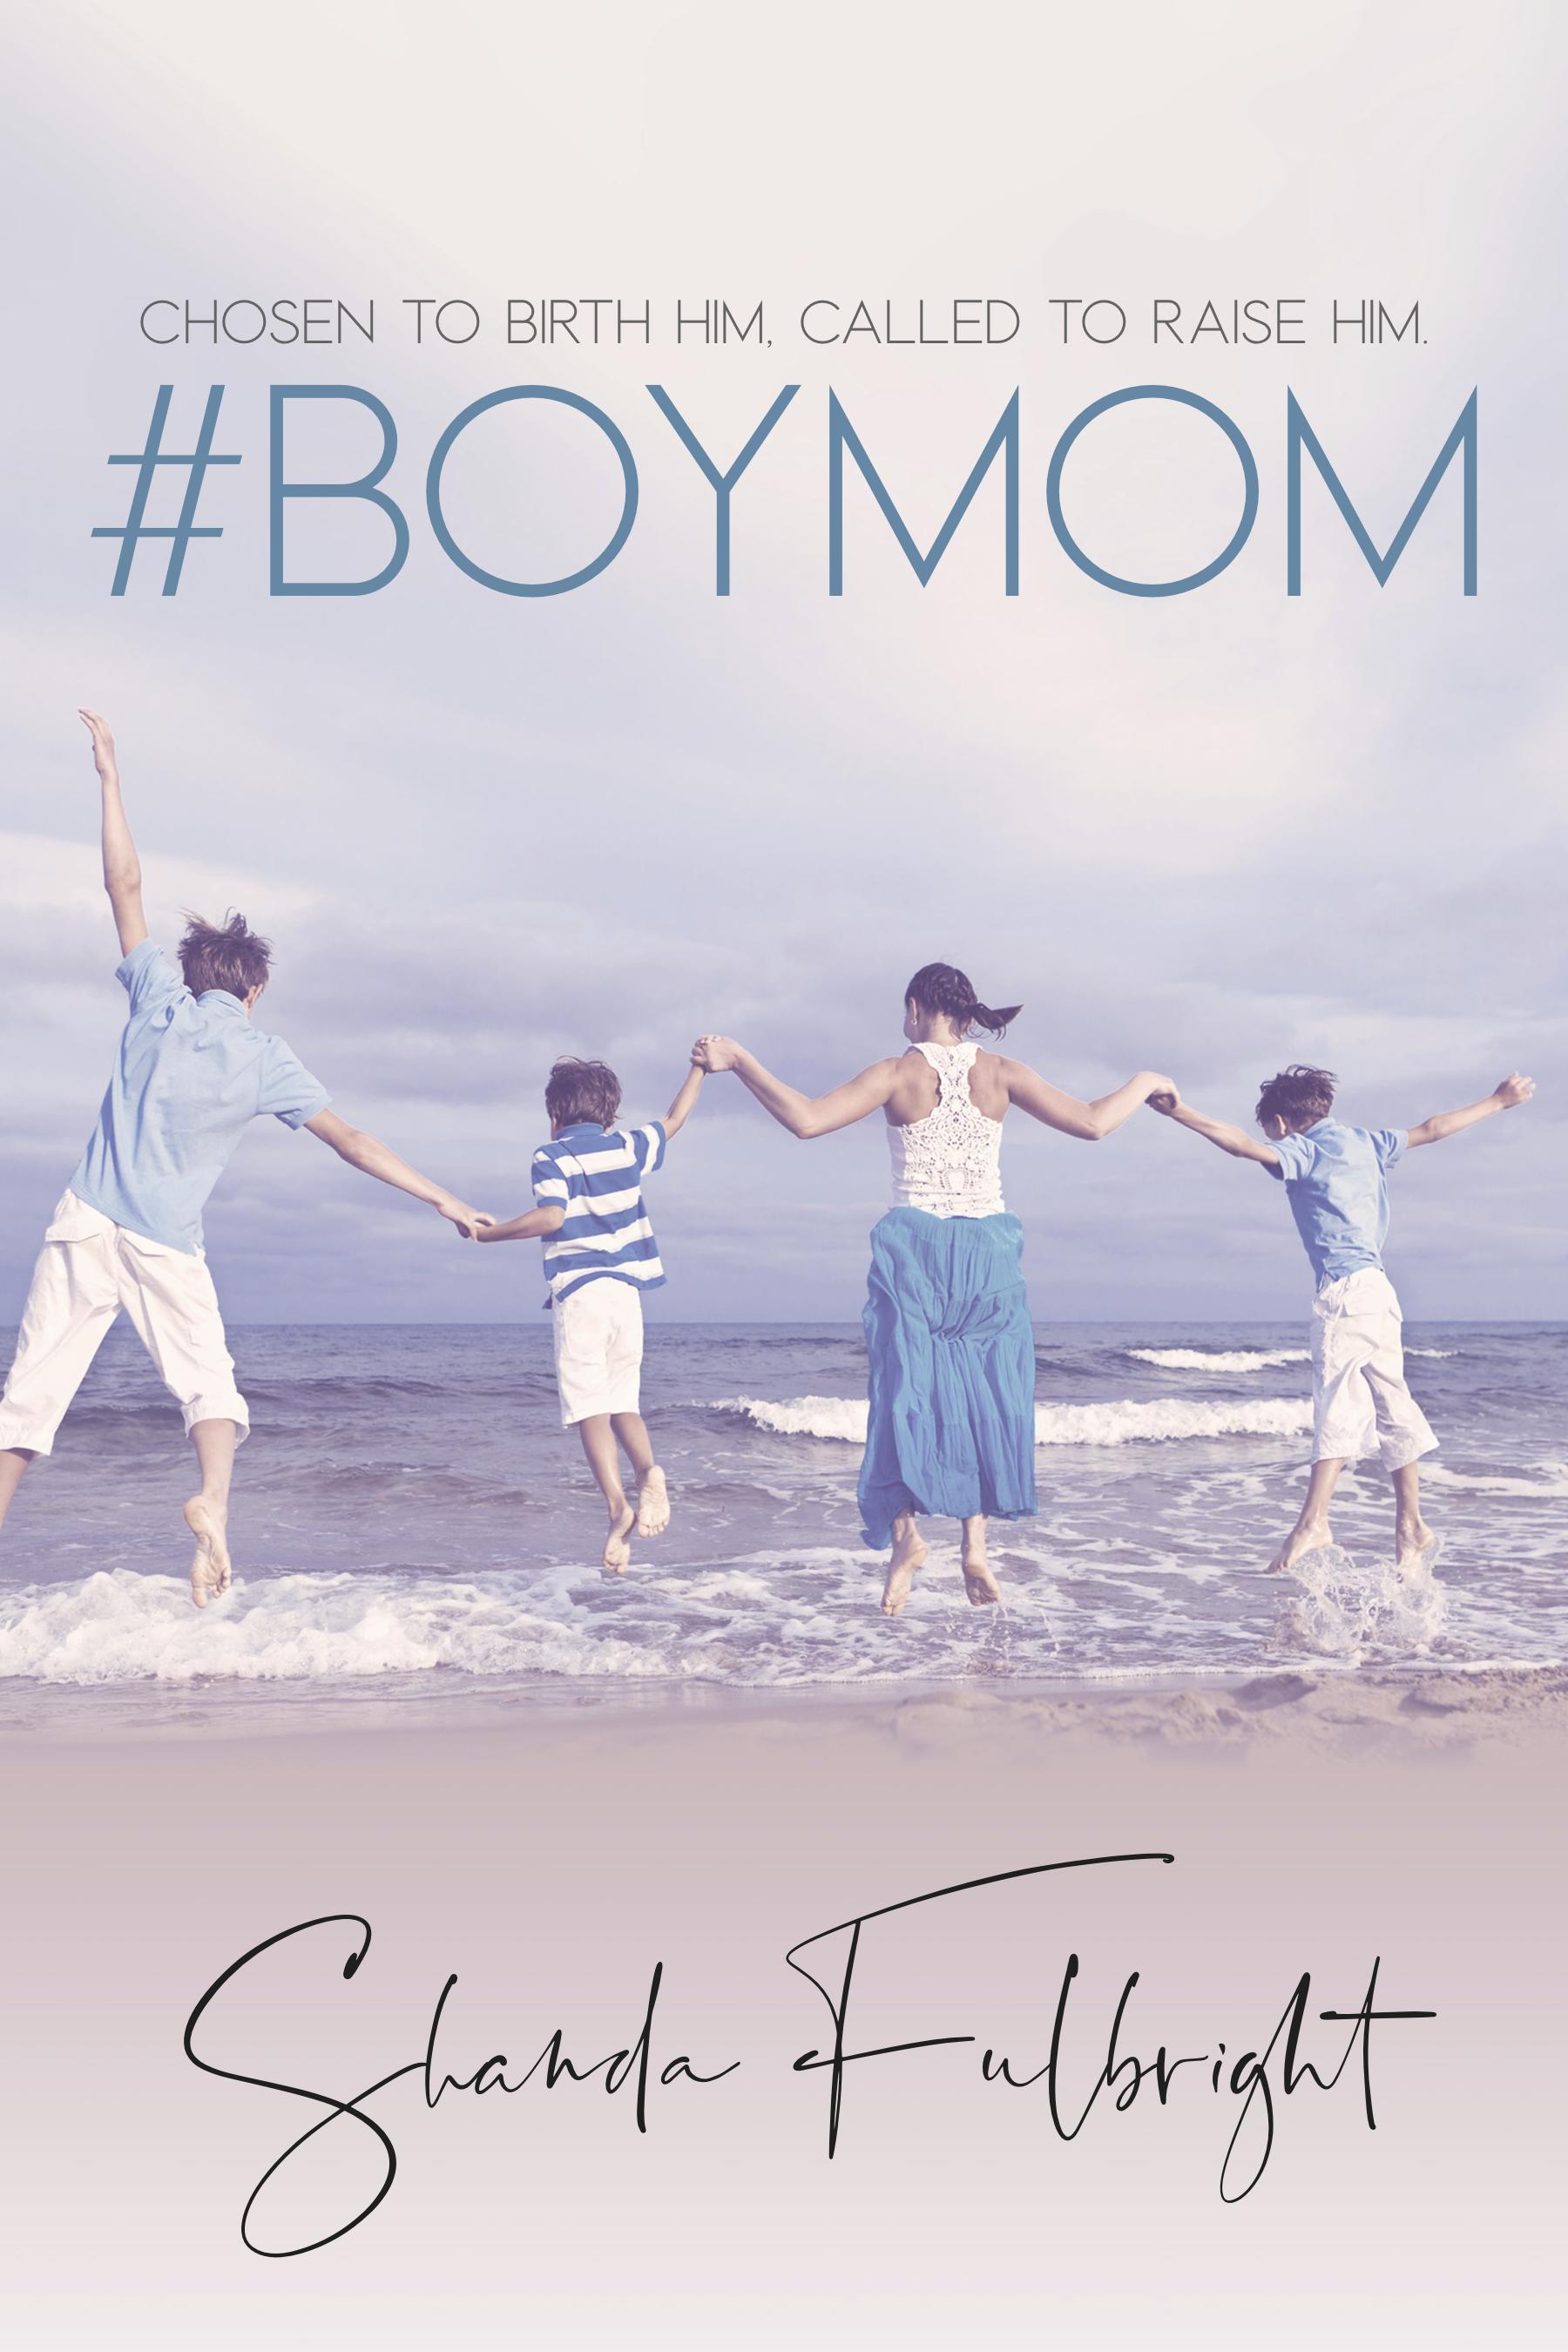 Shanda Fulbright boymom Book  - Book: #BoyMom